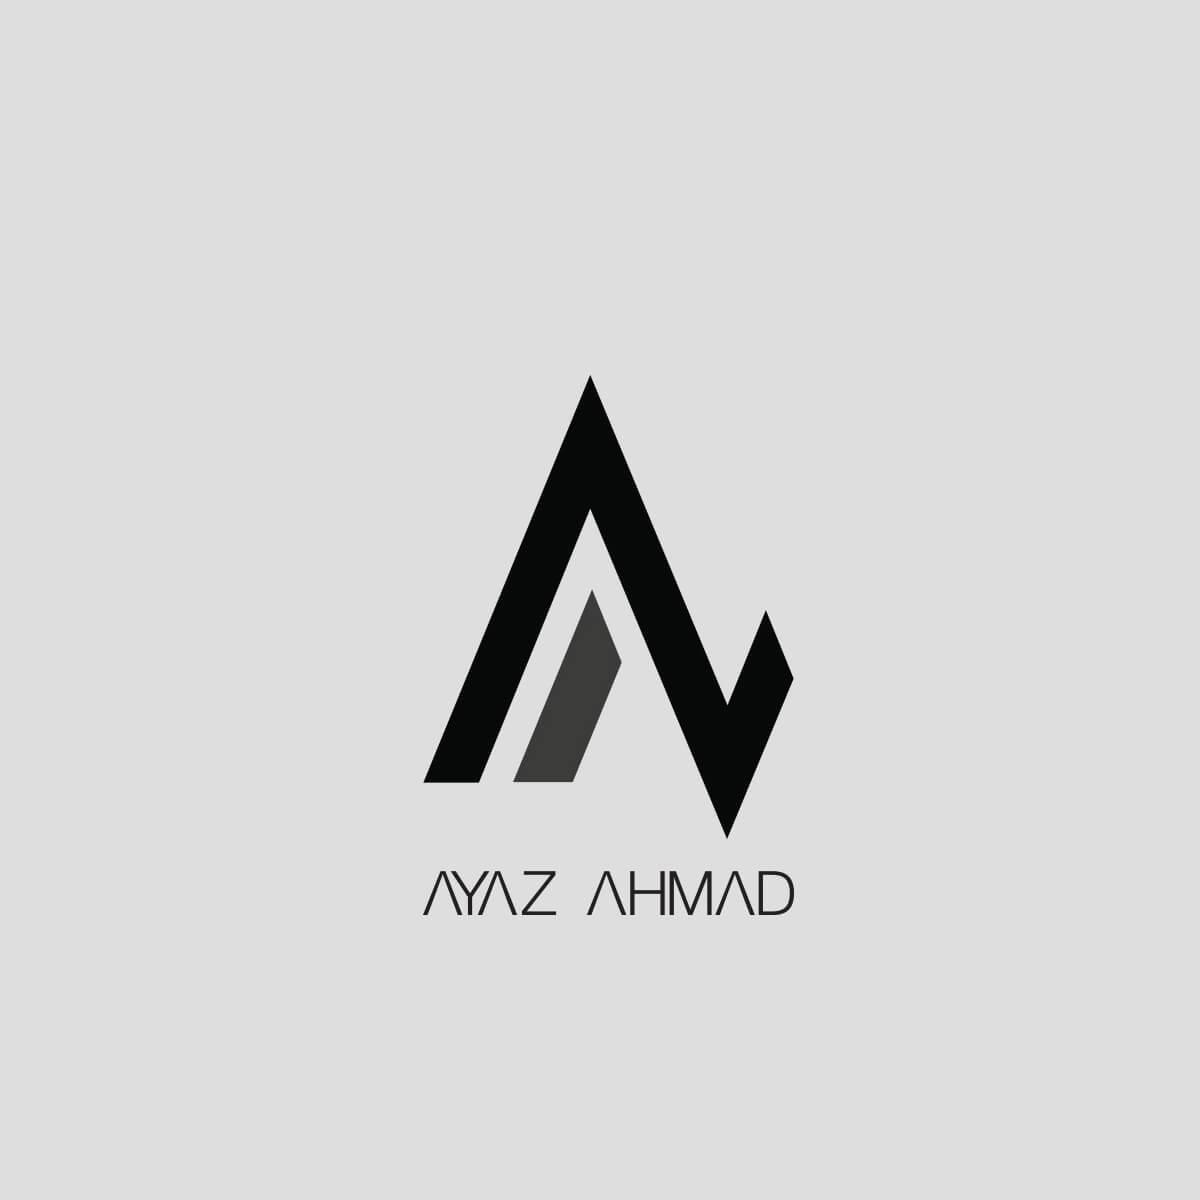 Ayaz Ahmad